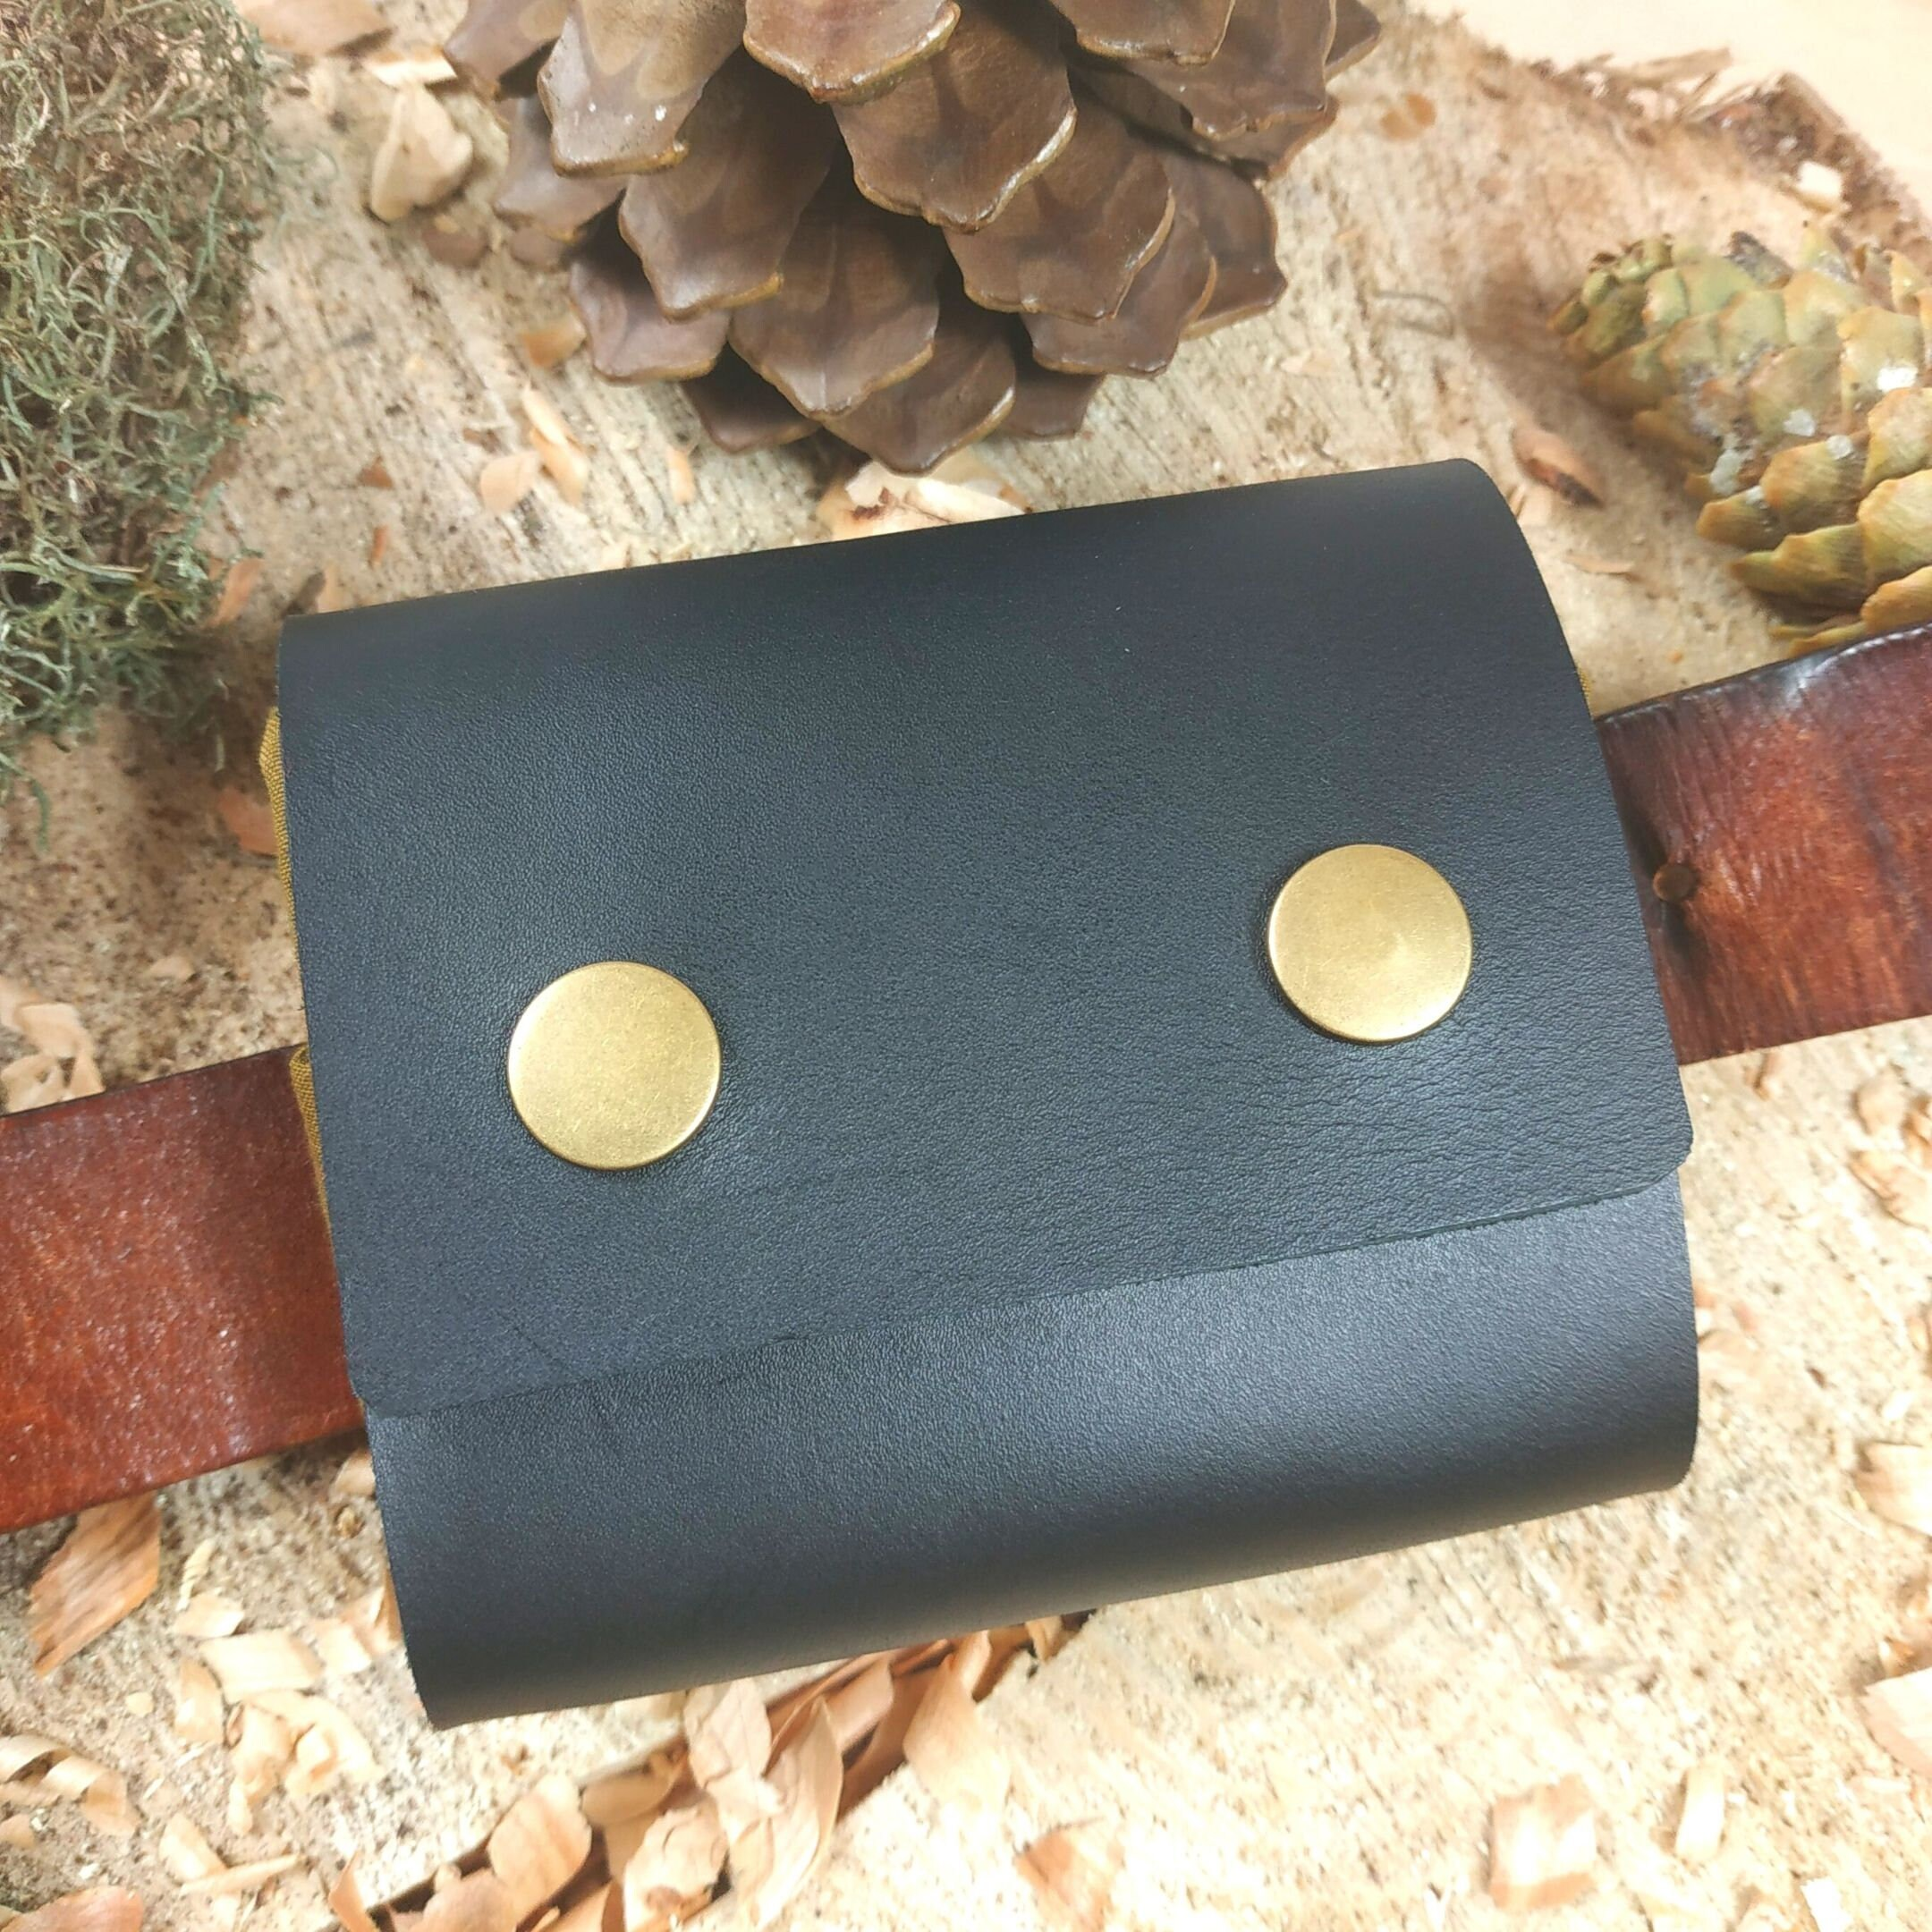 Sammeltasche mit Gürtelbefestigung, schwarzes Leder, olivbraune Tasche aus Dry Oilskin mit Edelweiß-Band